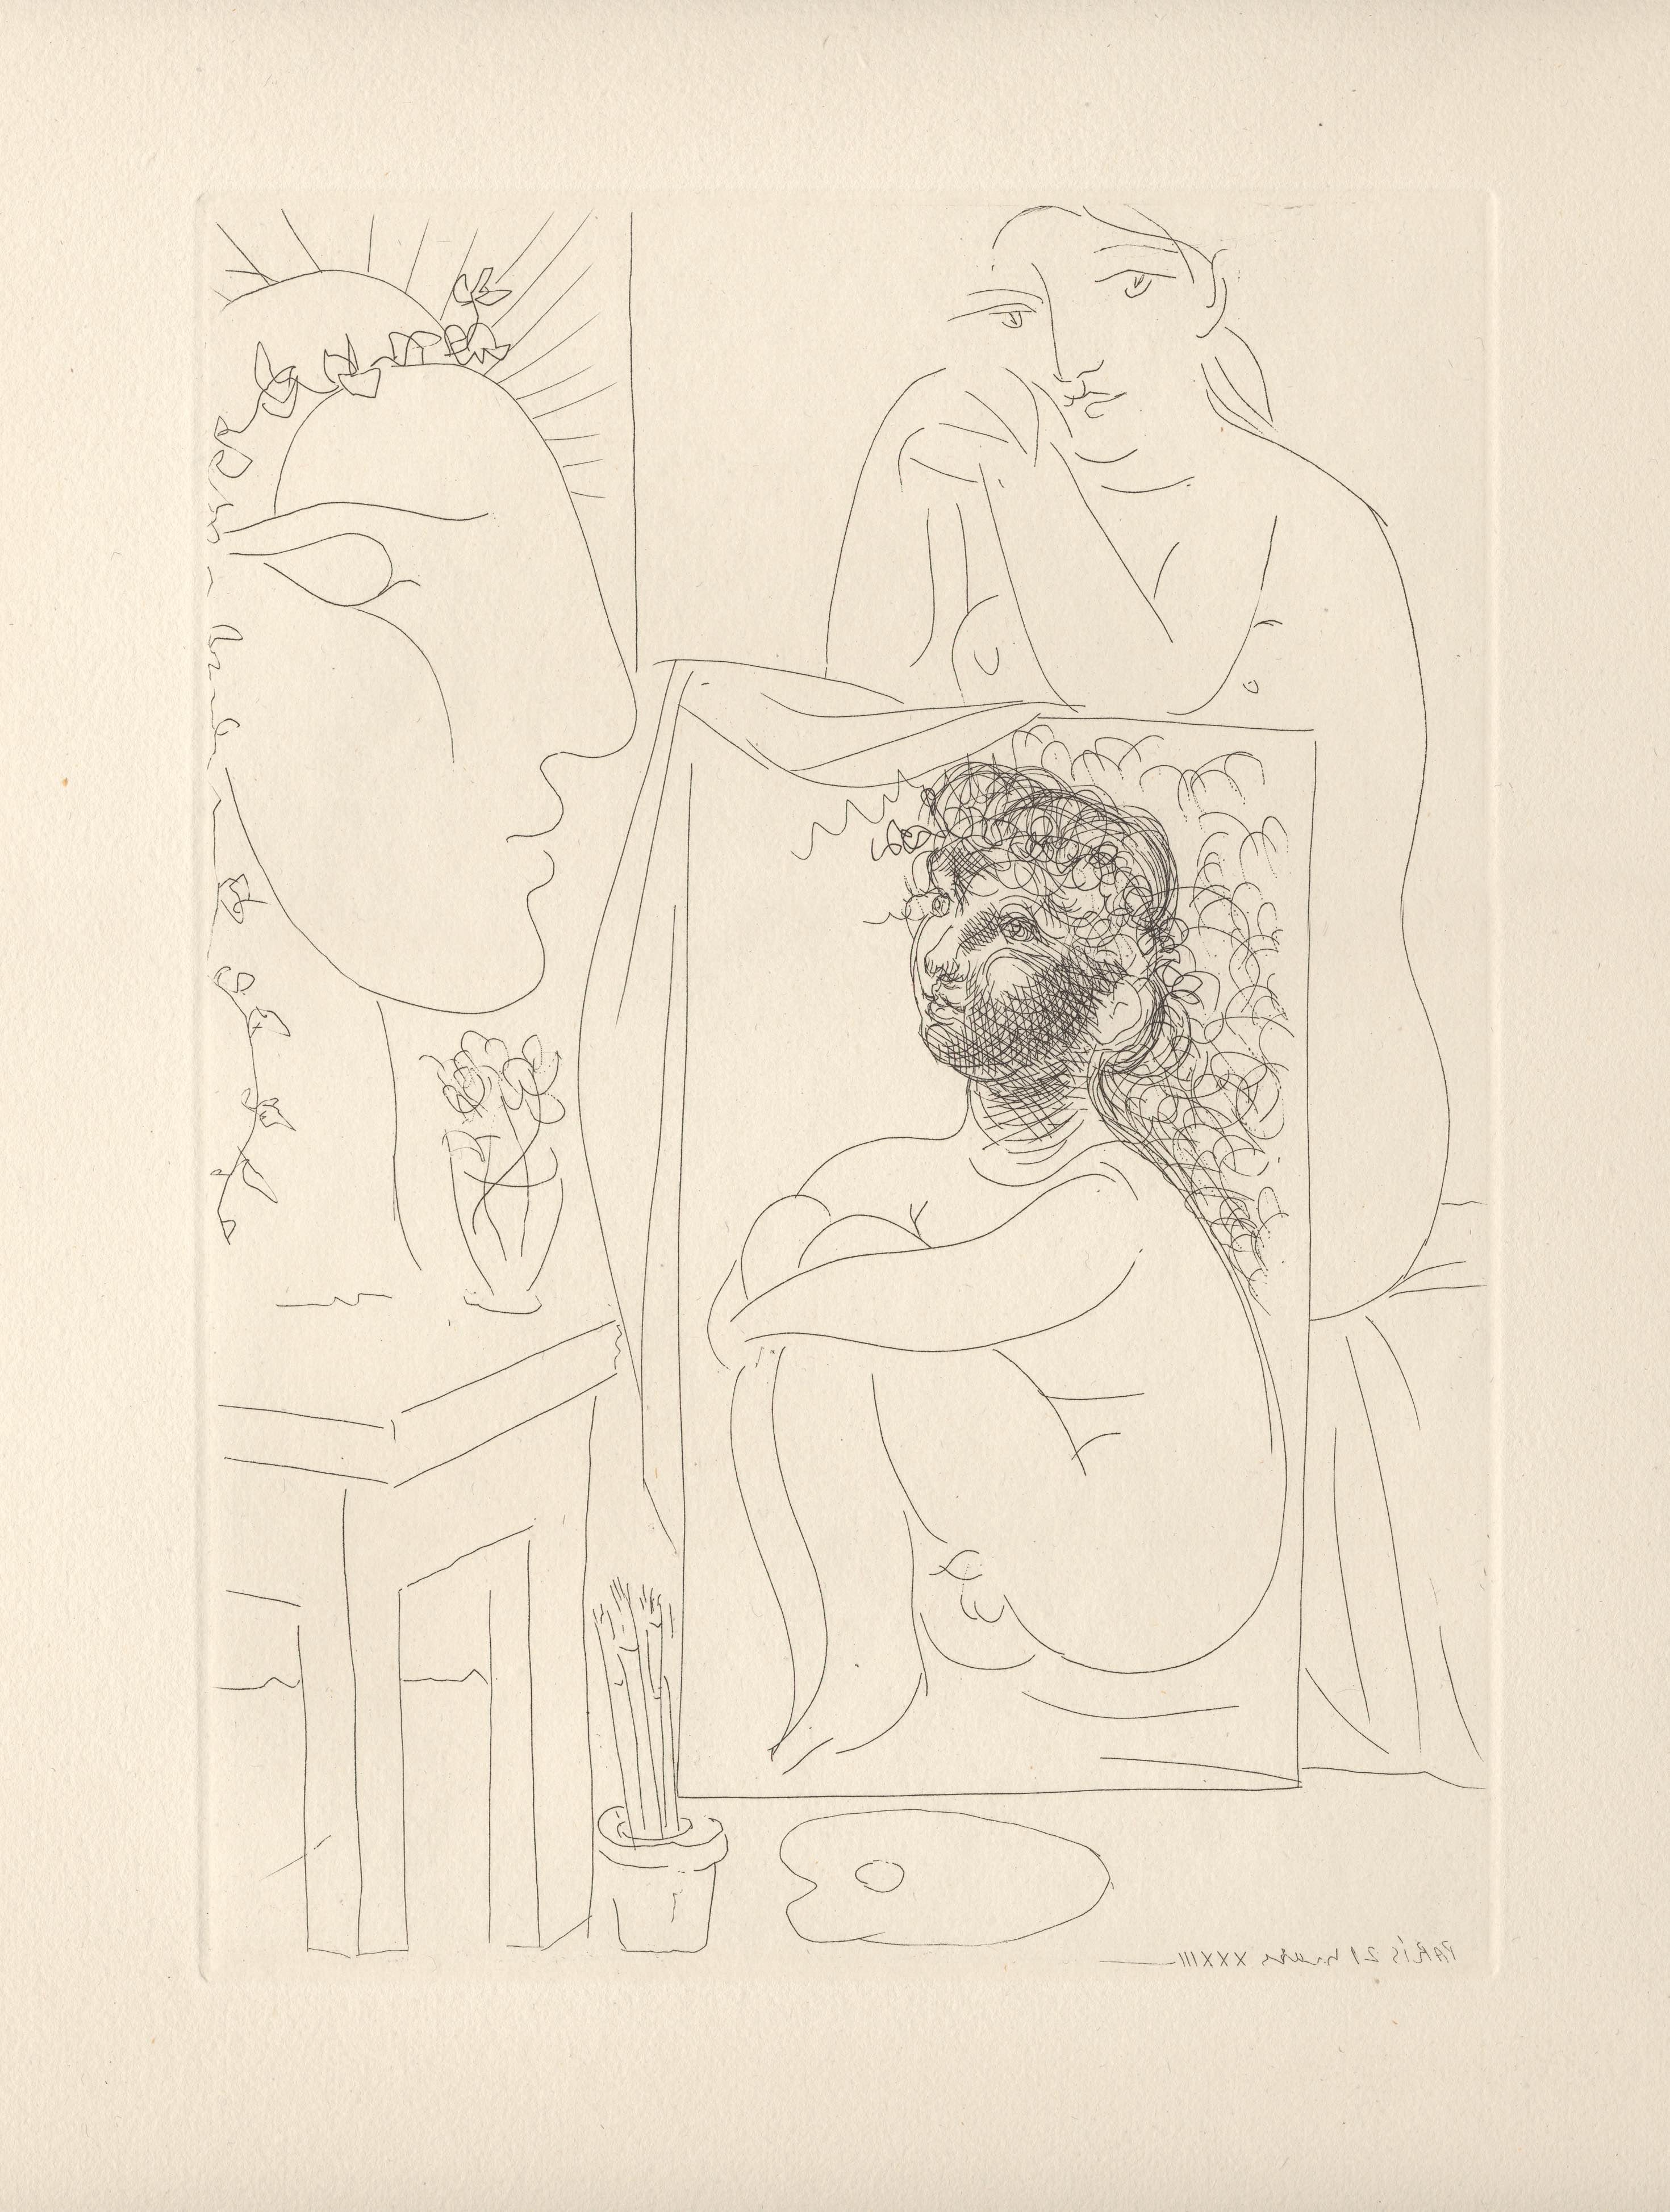 Picasso: Modèle, Tableau et Sculpture (S.V. 43) (Bloch 151)